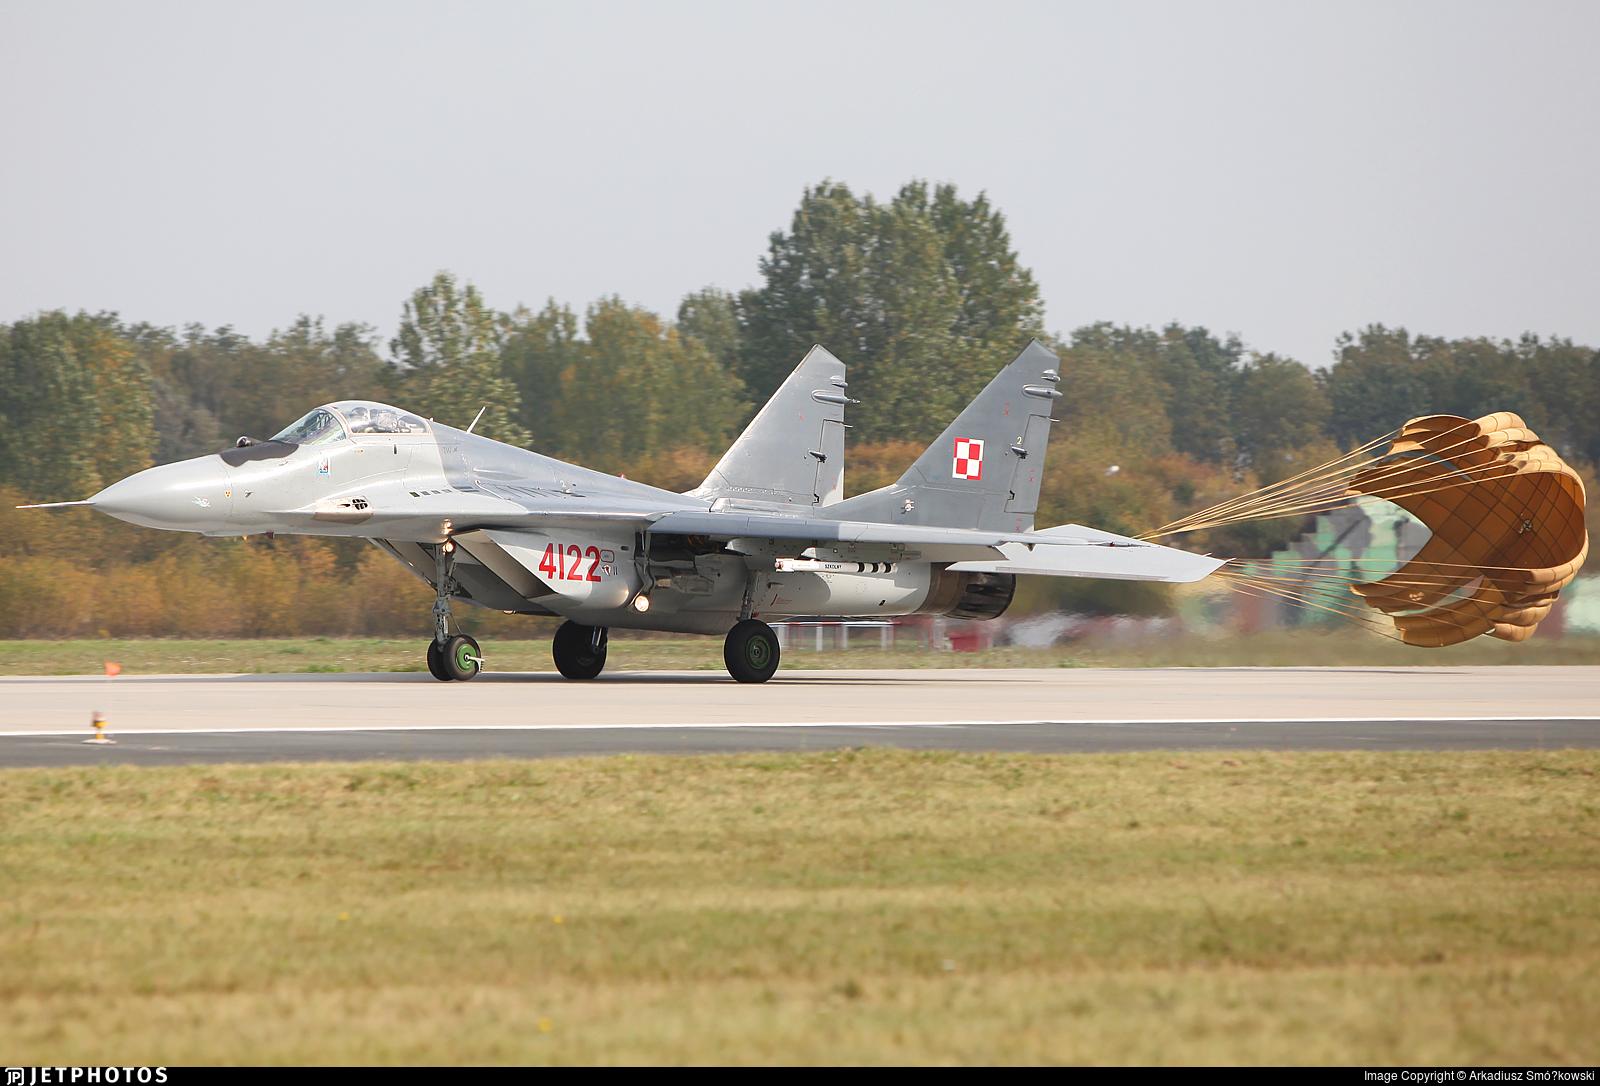 4122 - Mikoyan-Gurevich Mig-29G Fulcrum - Poland - Air Force